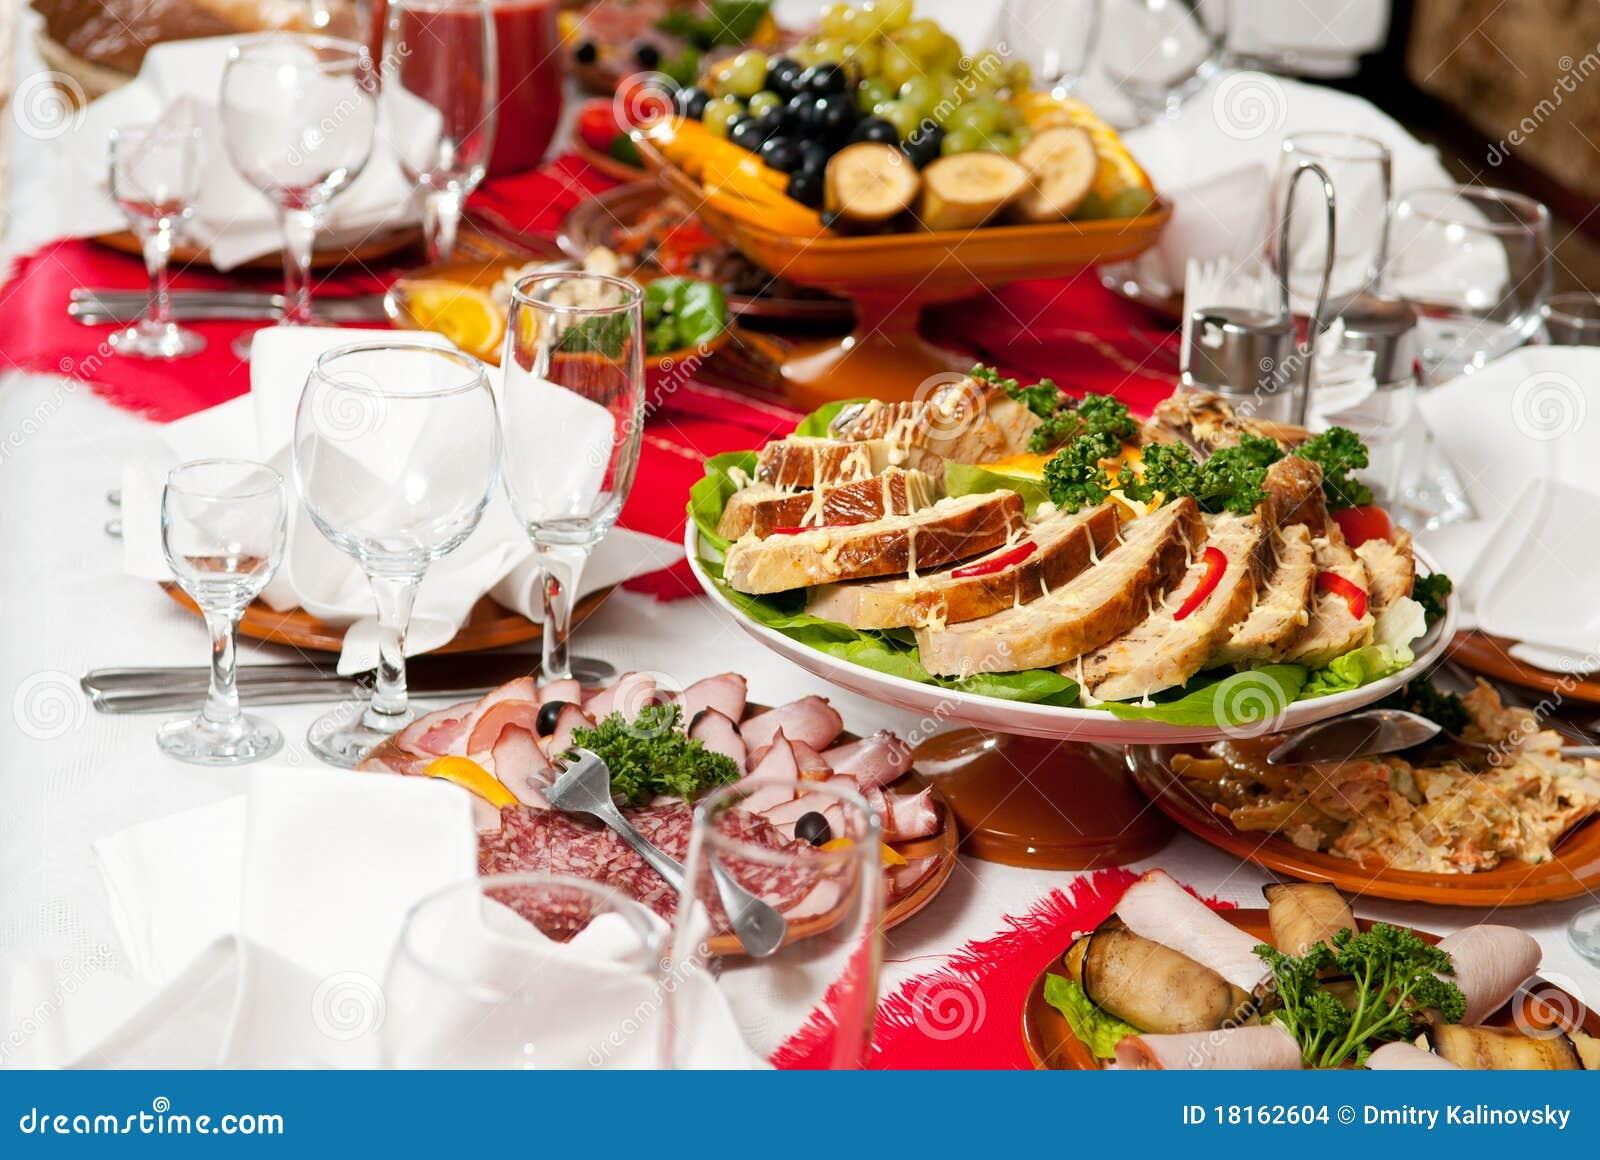 Van de het voedsellijst van de catering de vastgestelde decoratie stock foto afbeelding 18162604 - Decoratie van de villas ...